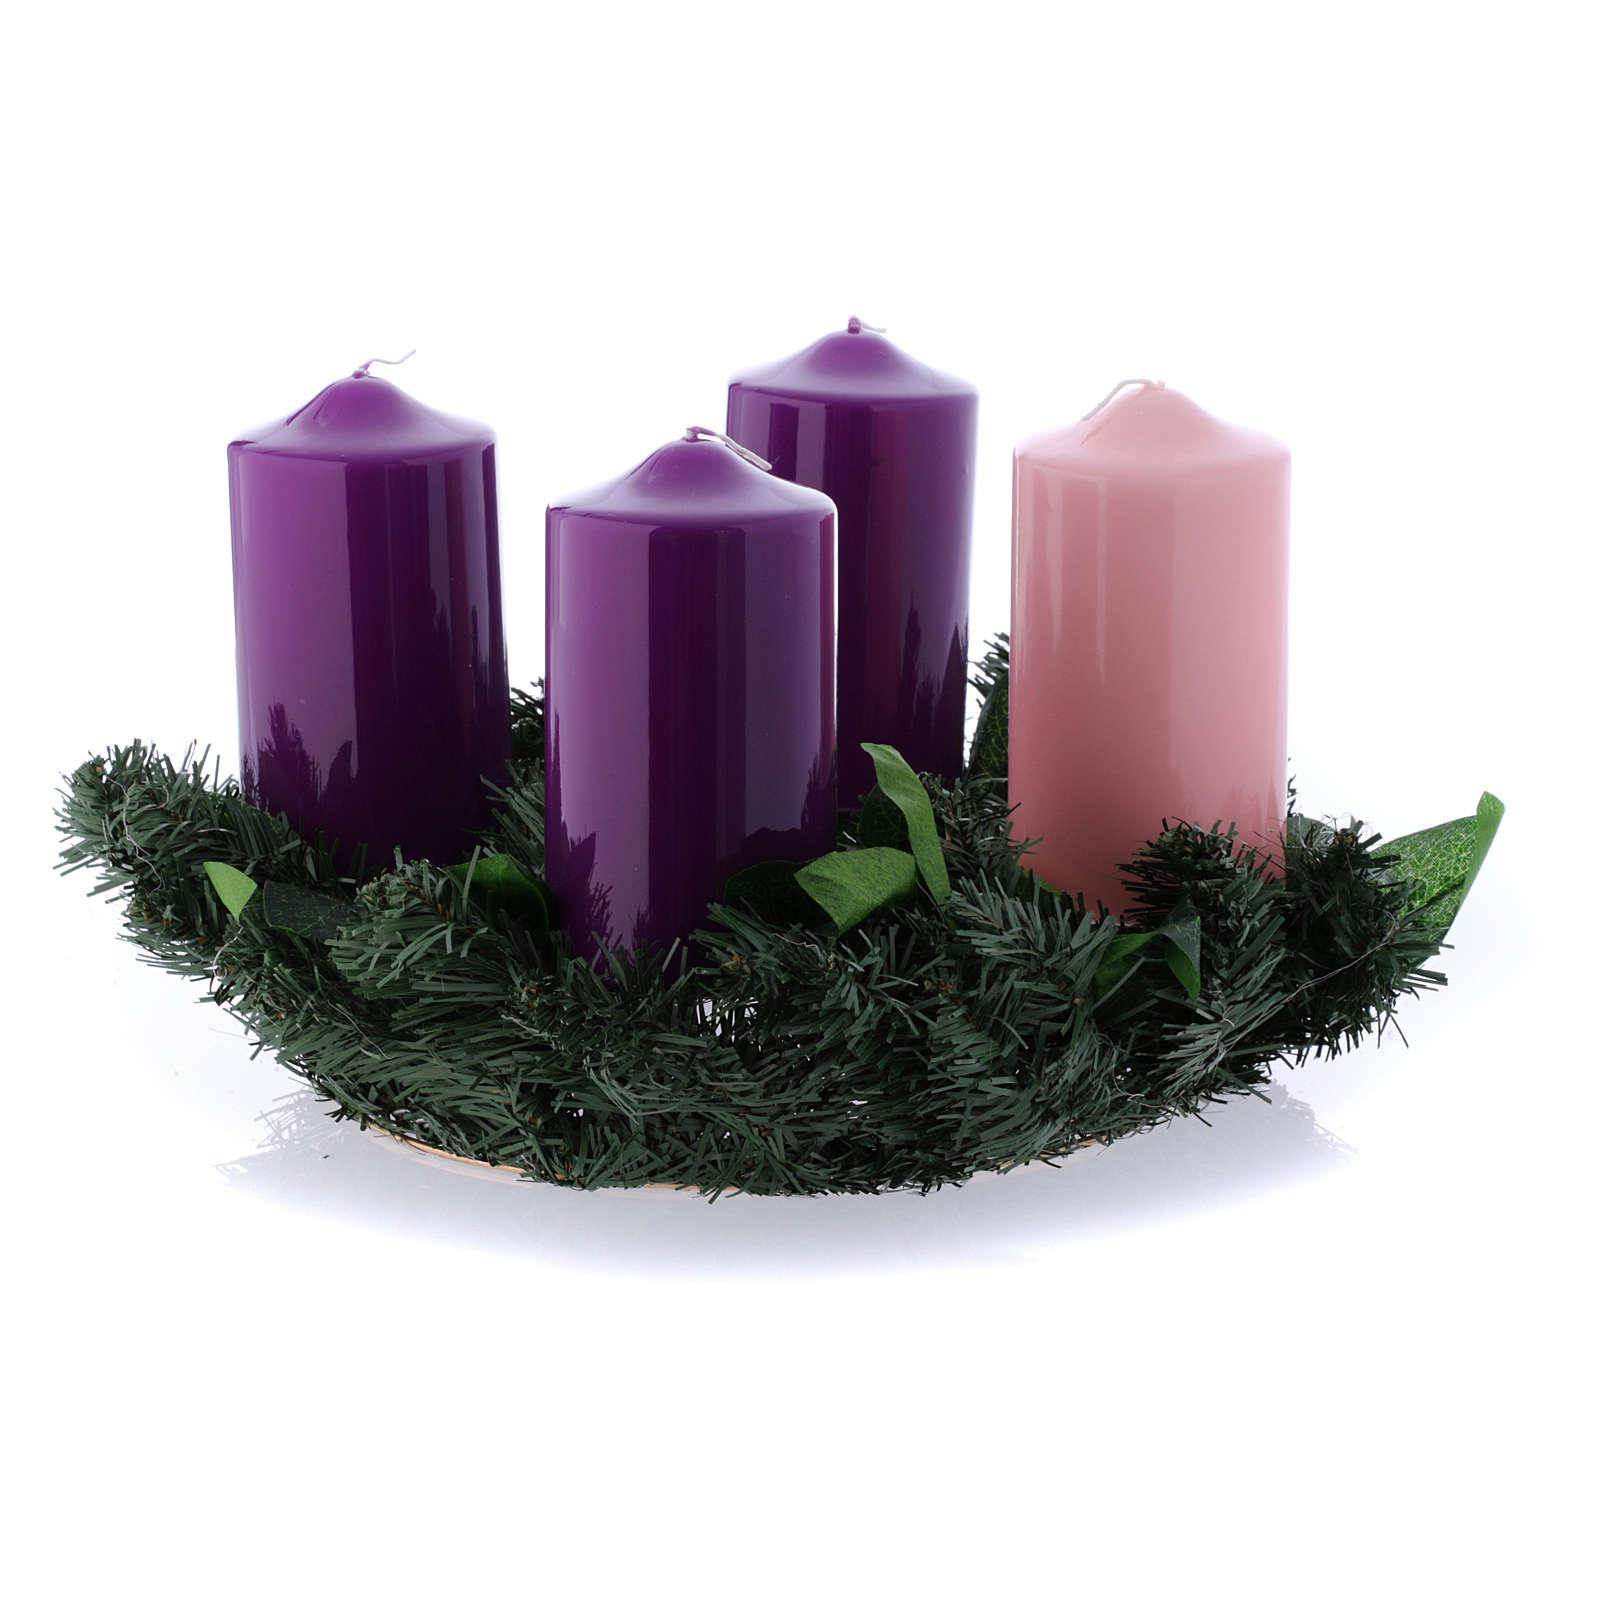 Liturgisches Adventsset Kranz und Kerzen 8x15cm 3